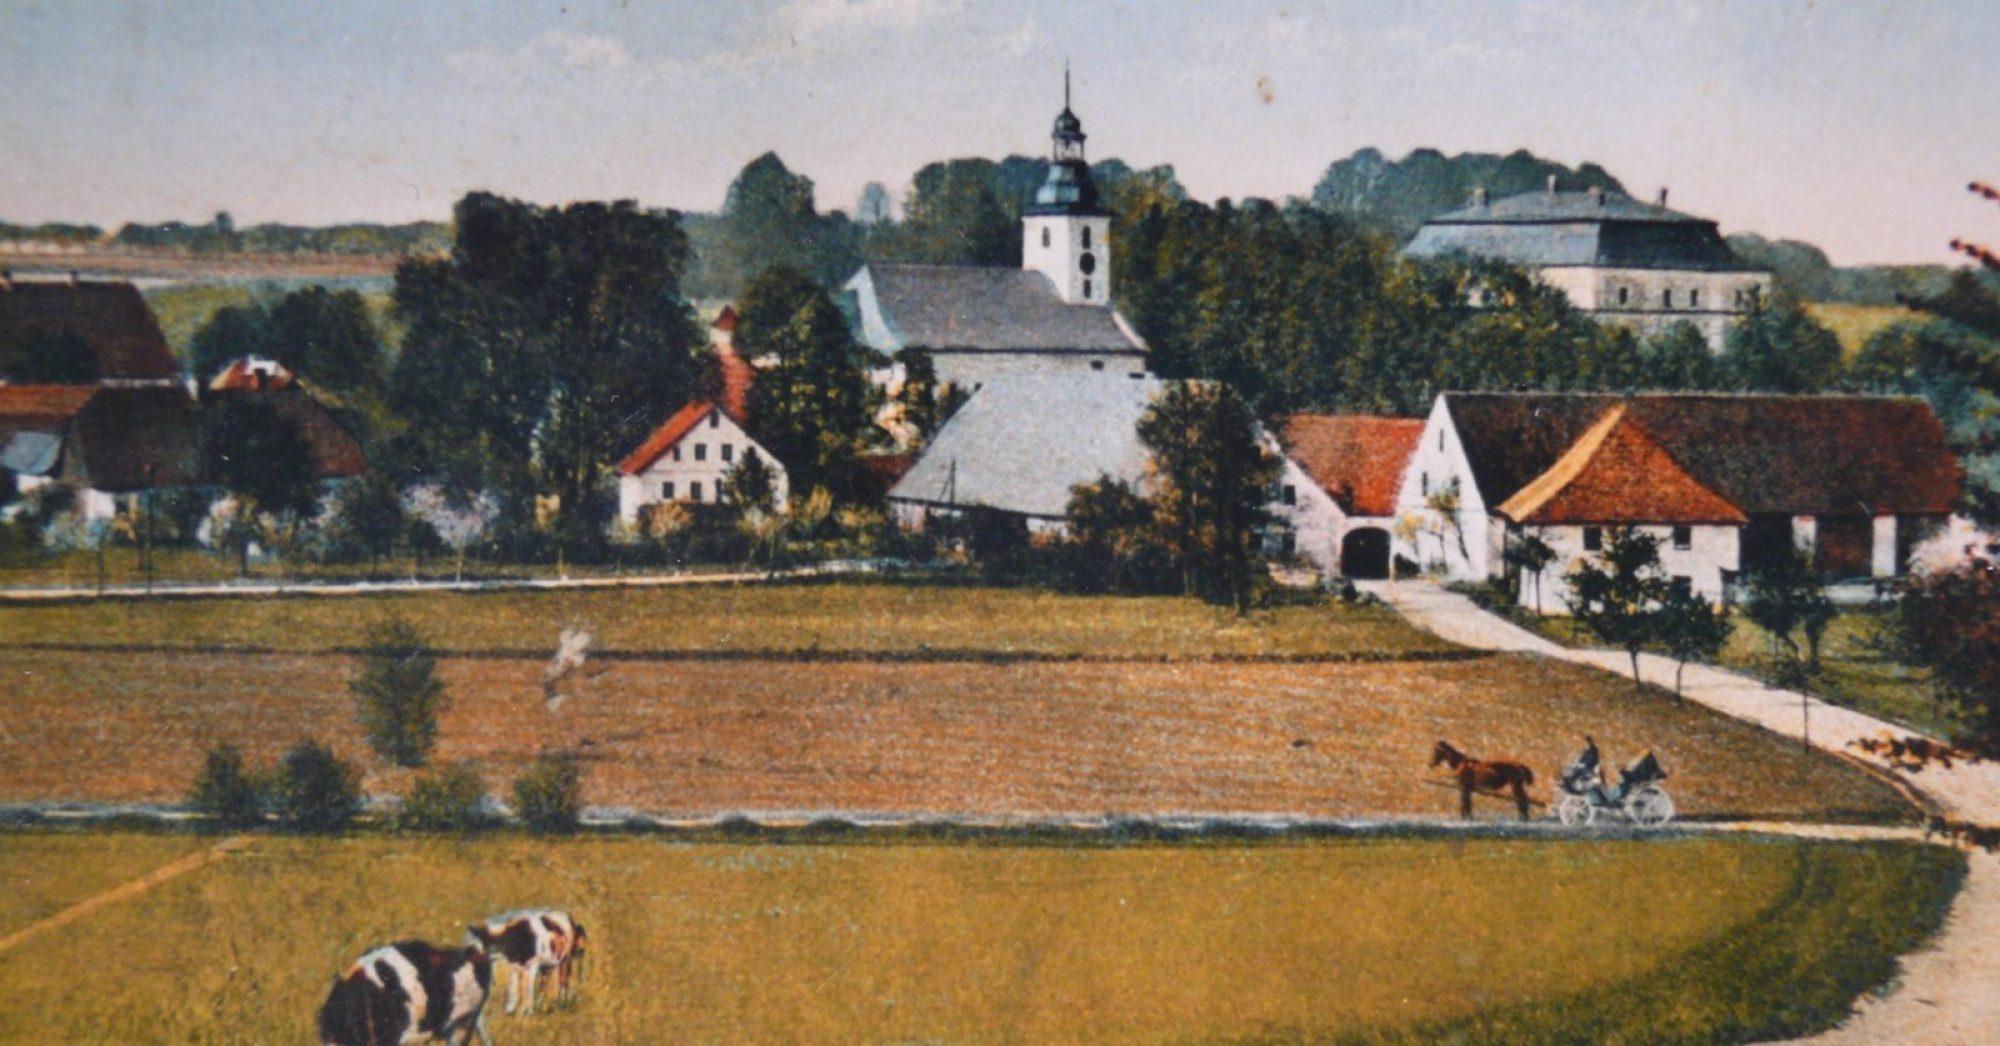 Wölfelsdorf